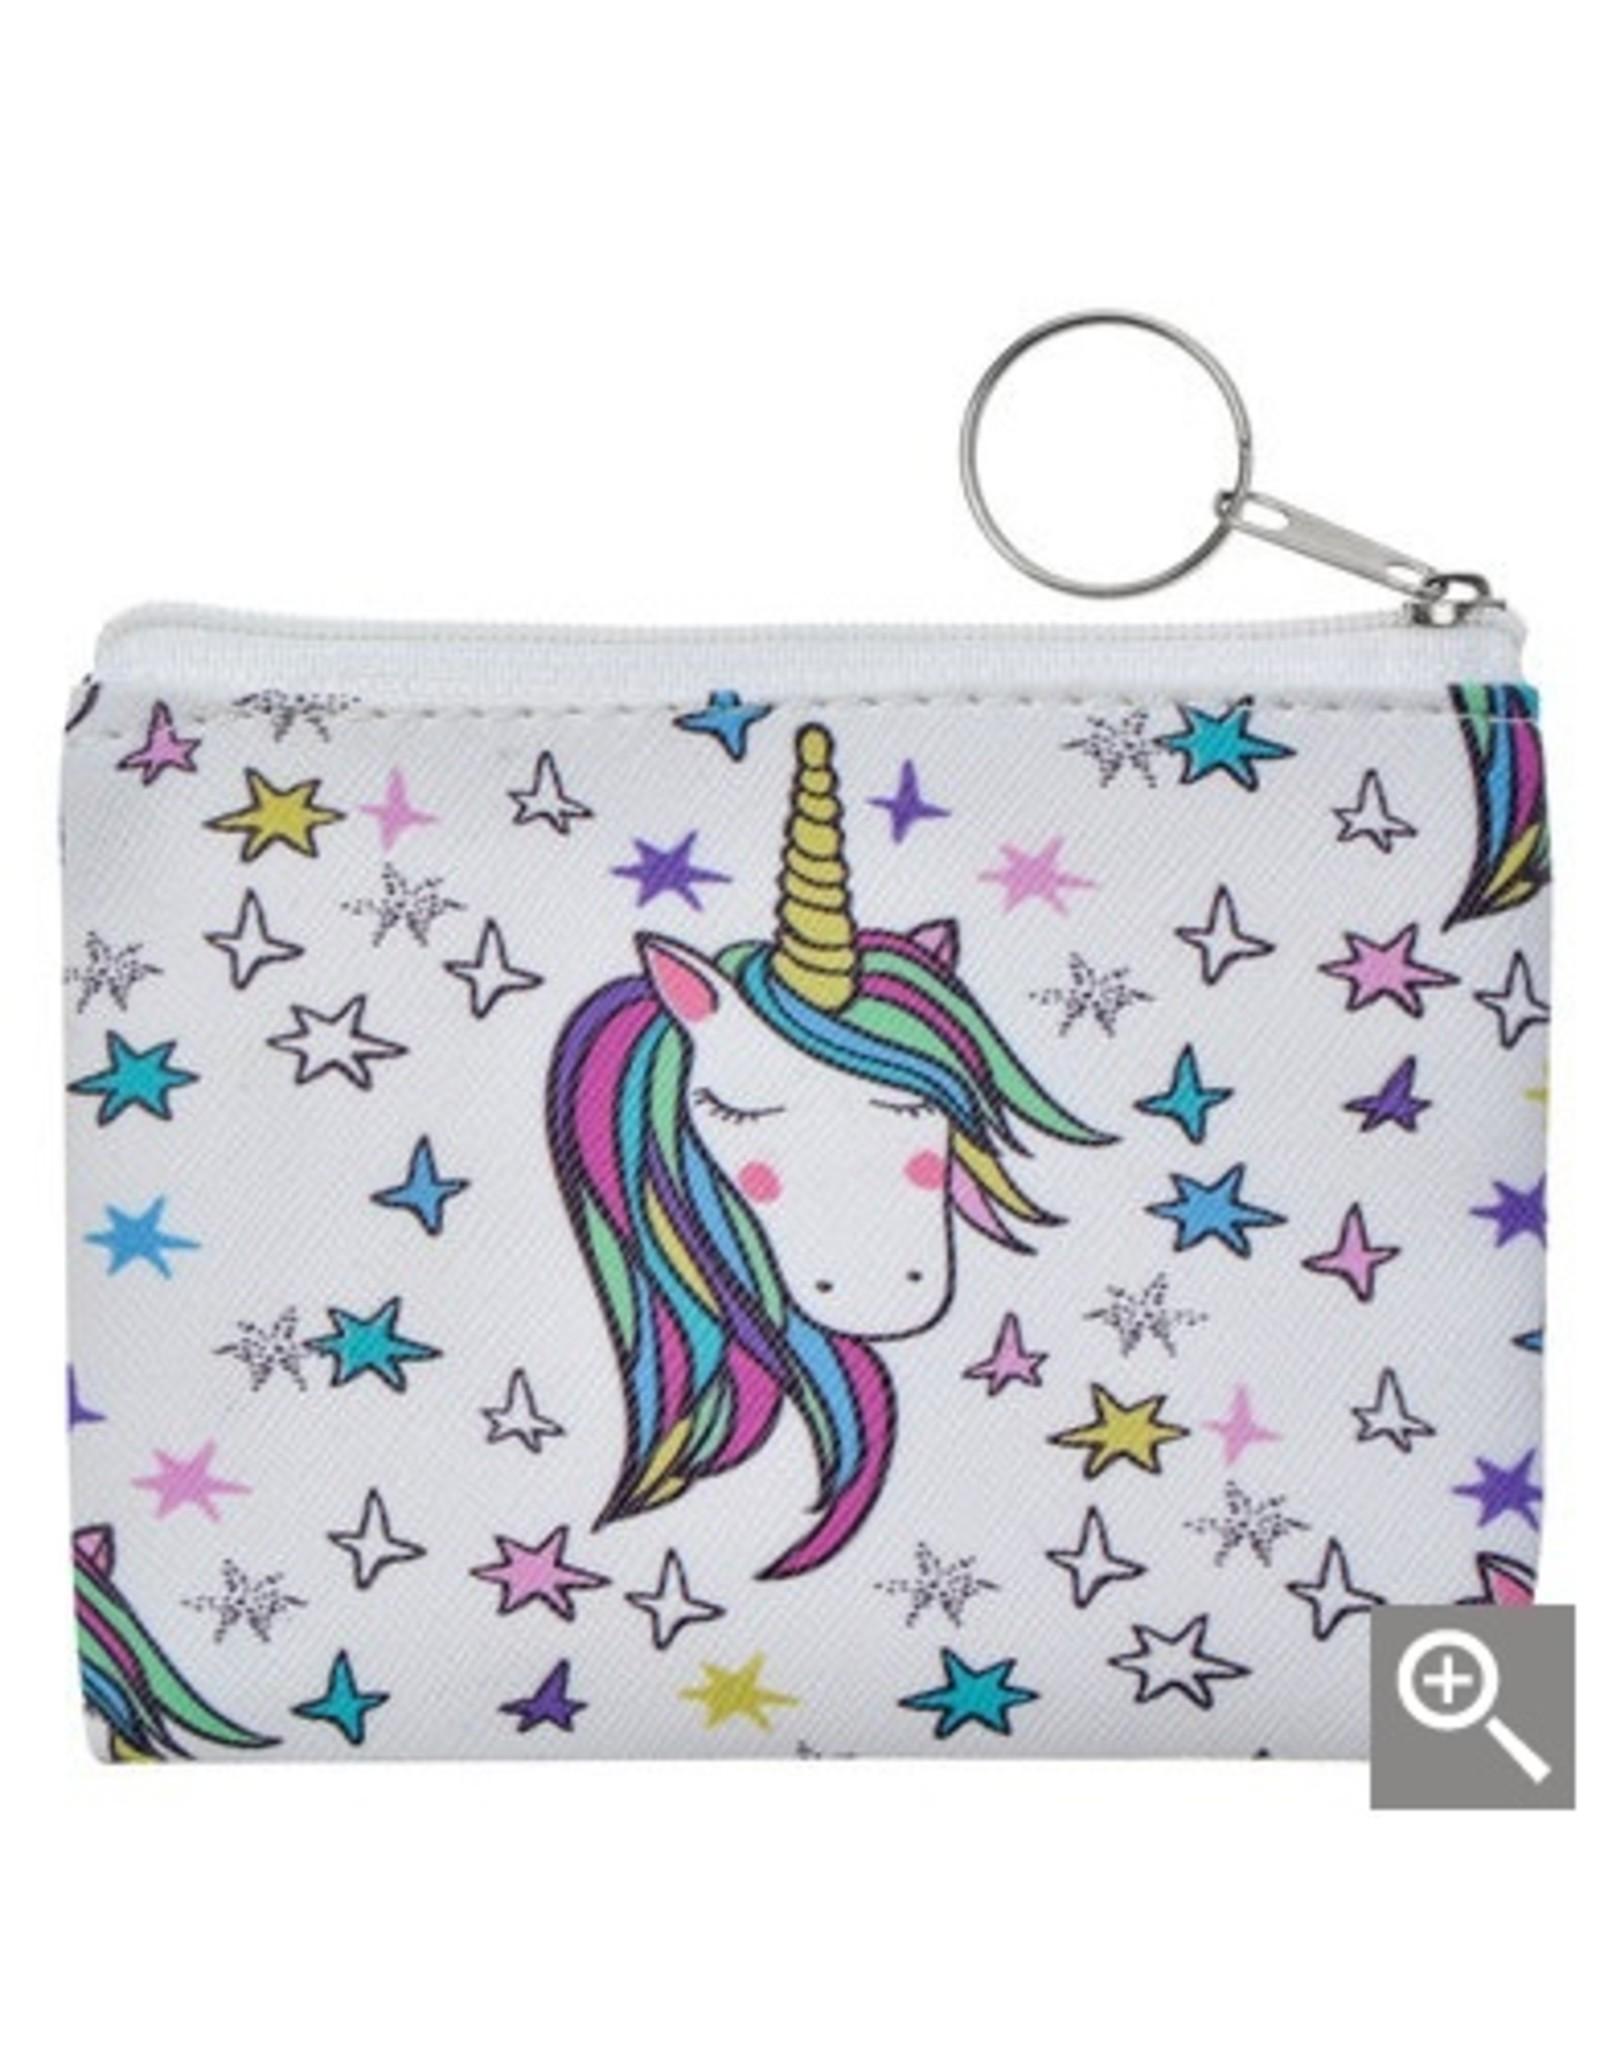 Clayre & Eef Children's wallet - white unicorn